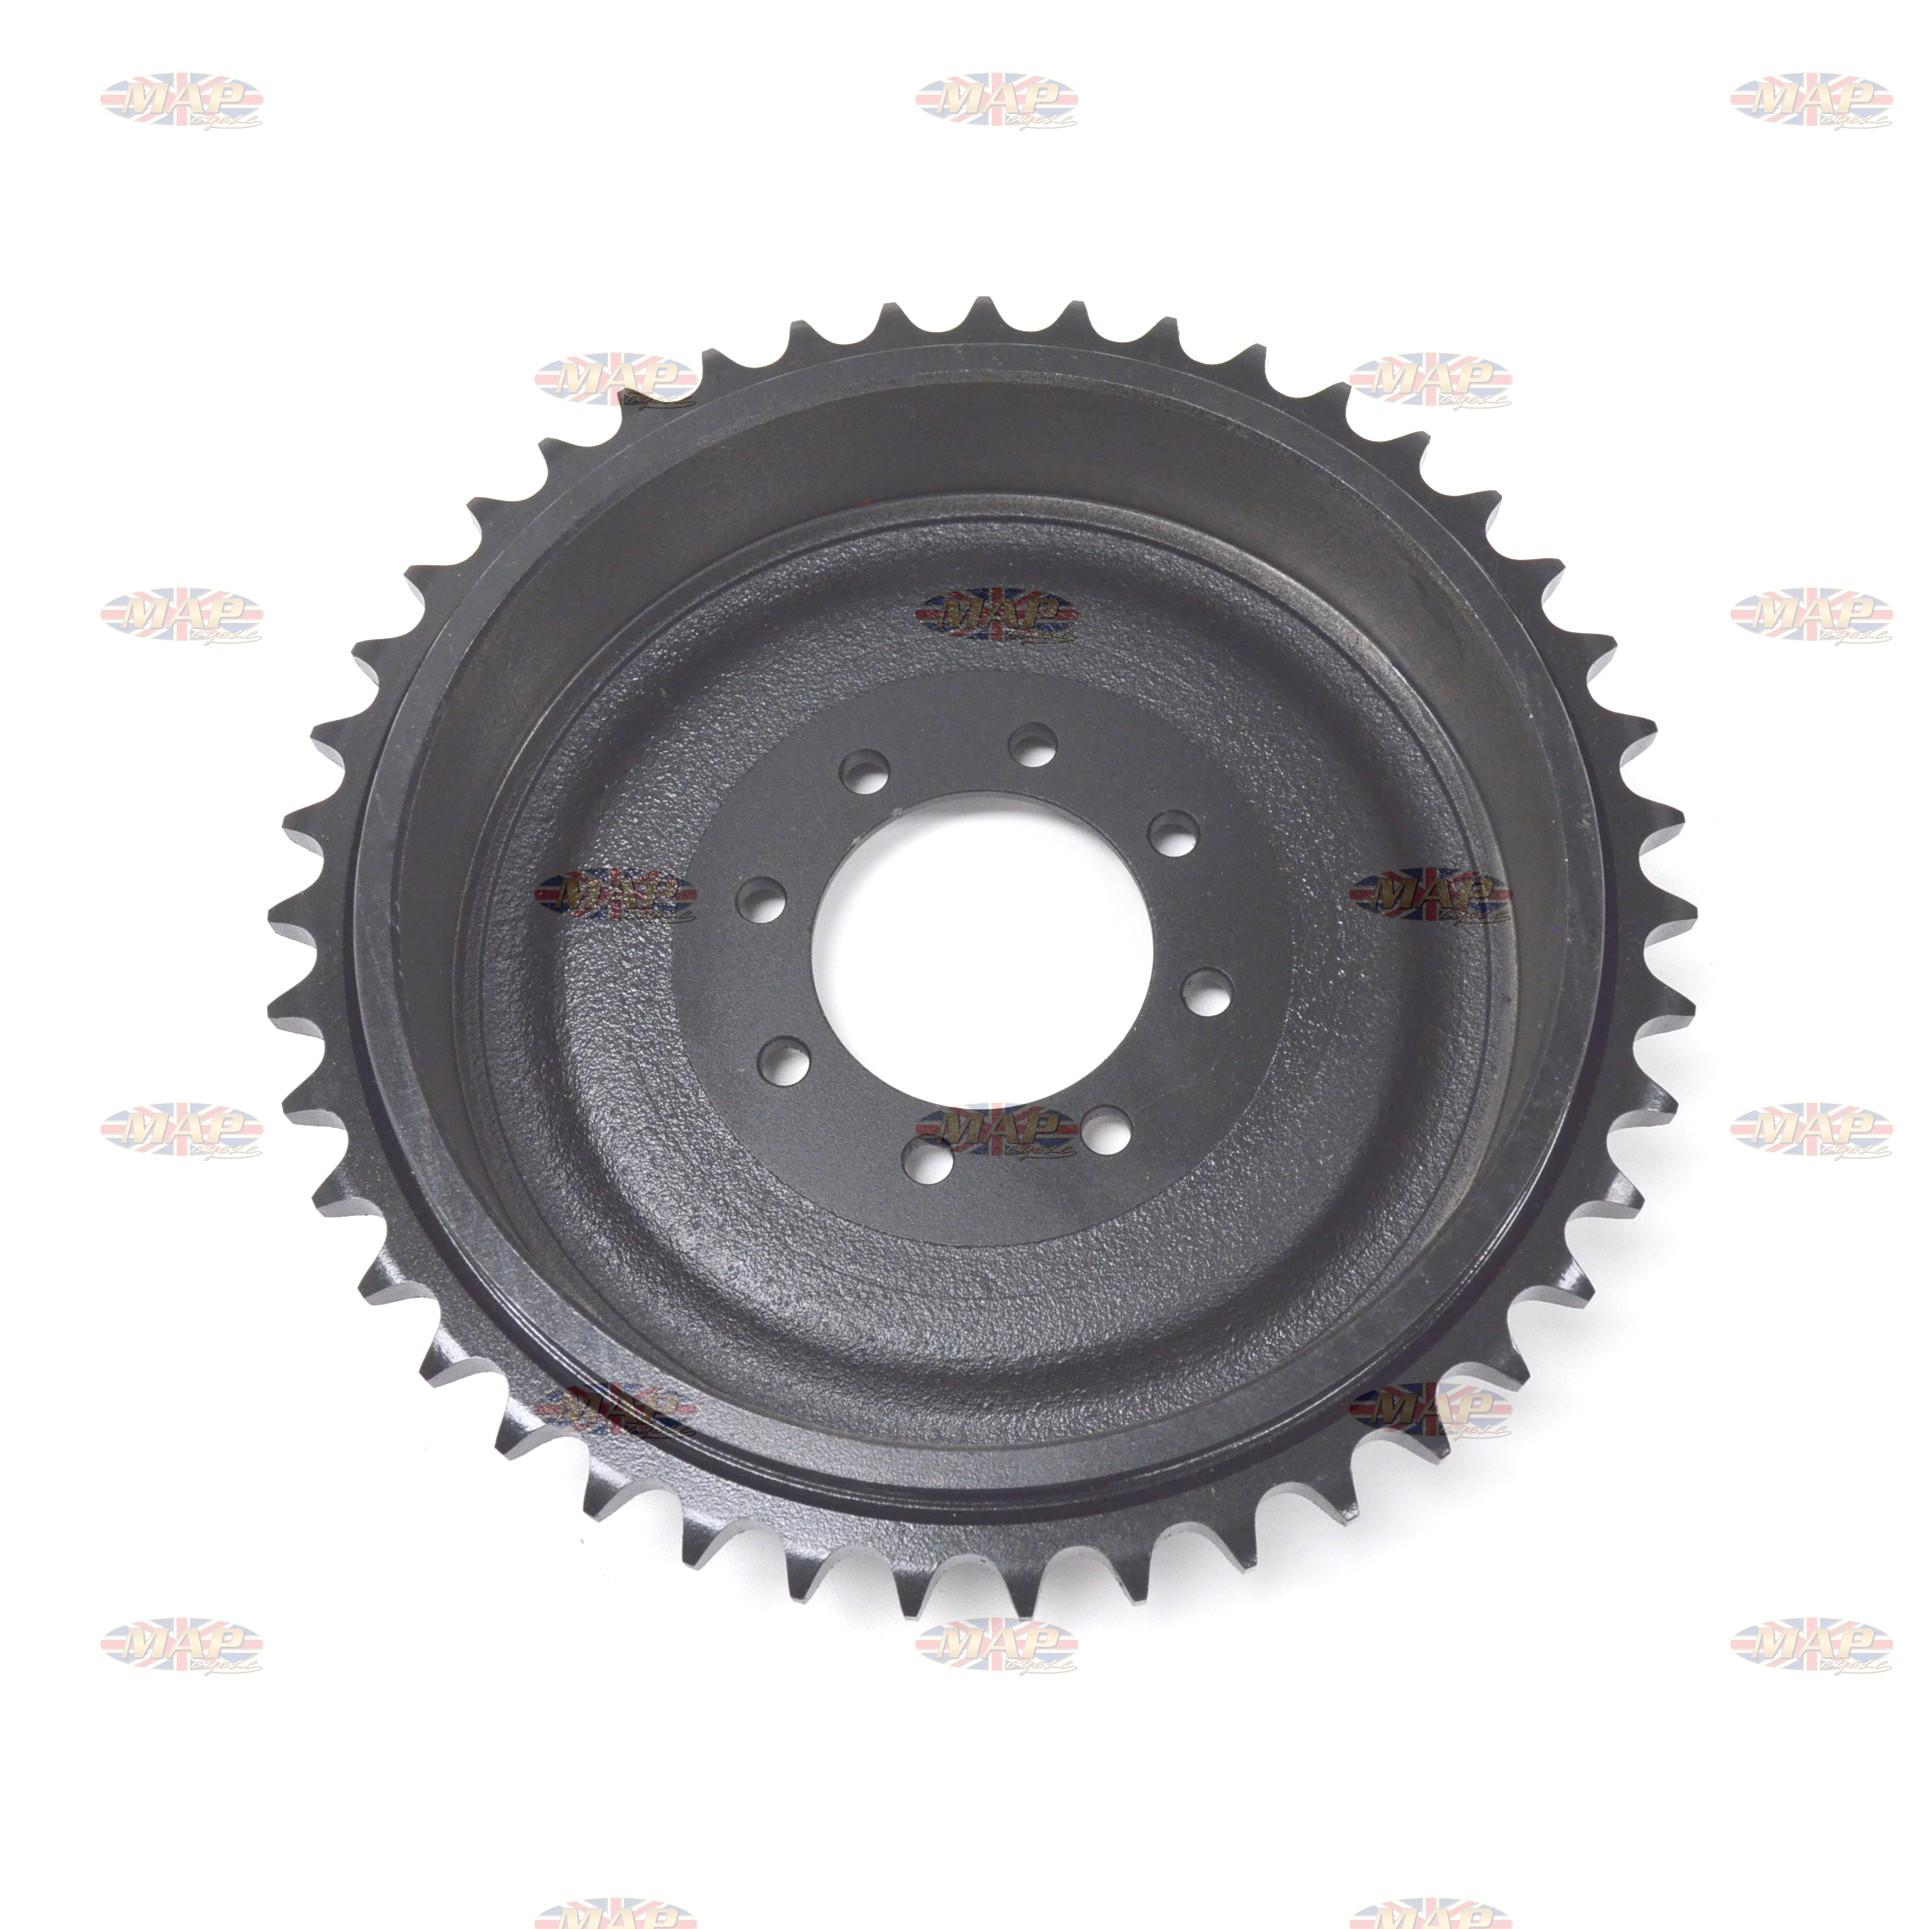 DRUMSPROCKET/ TRI 43T 8-BOLT CASTIRON uk 37-1276